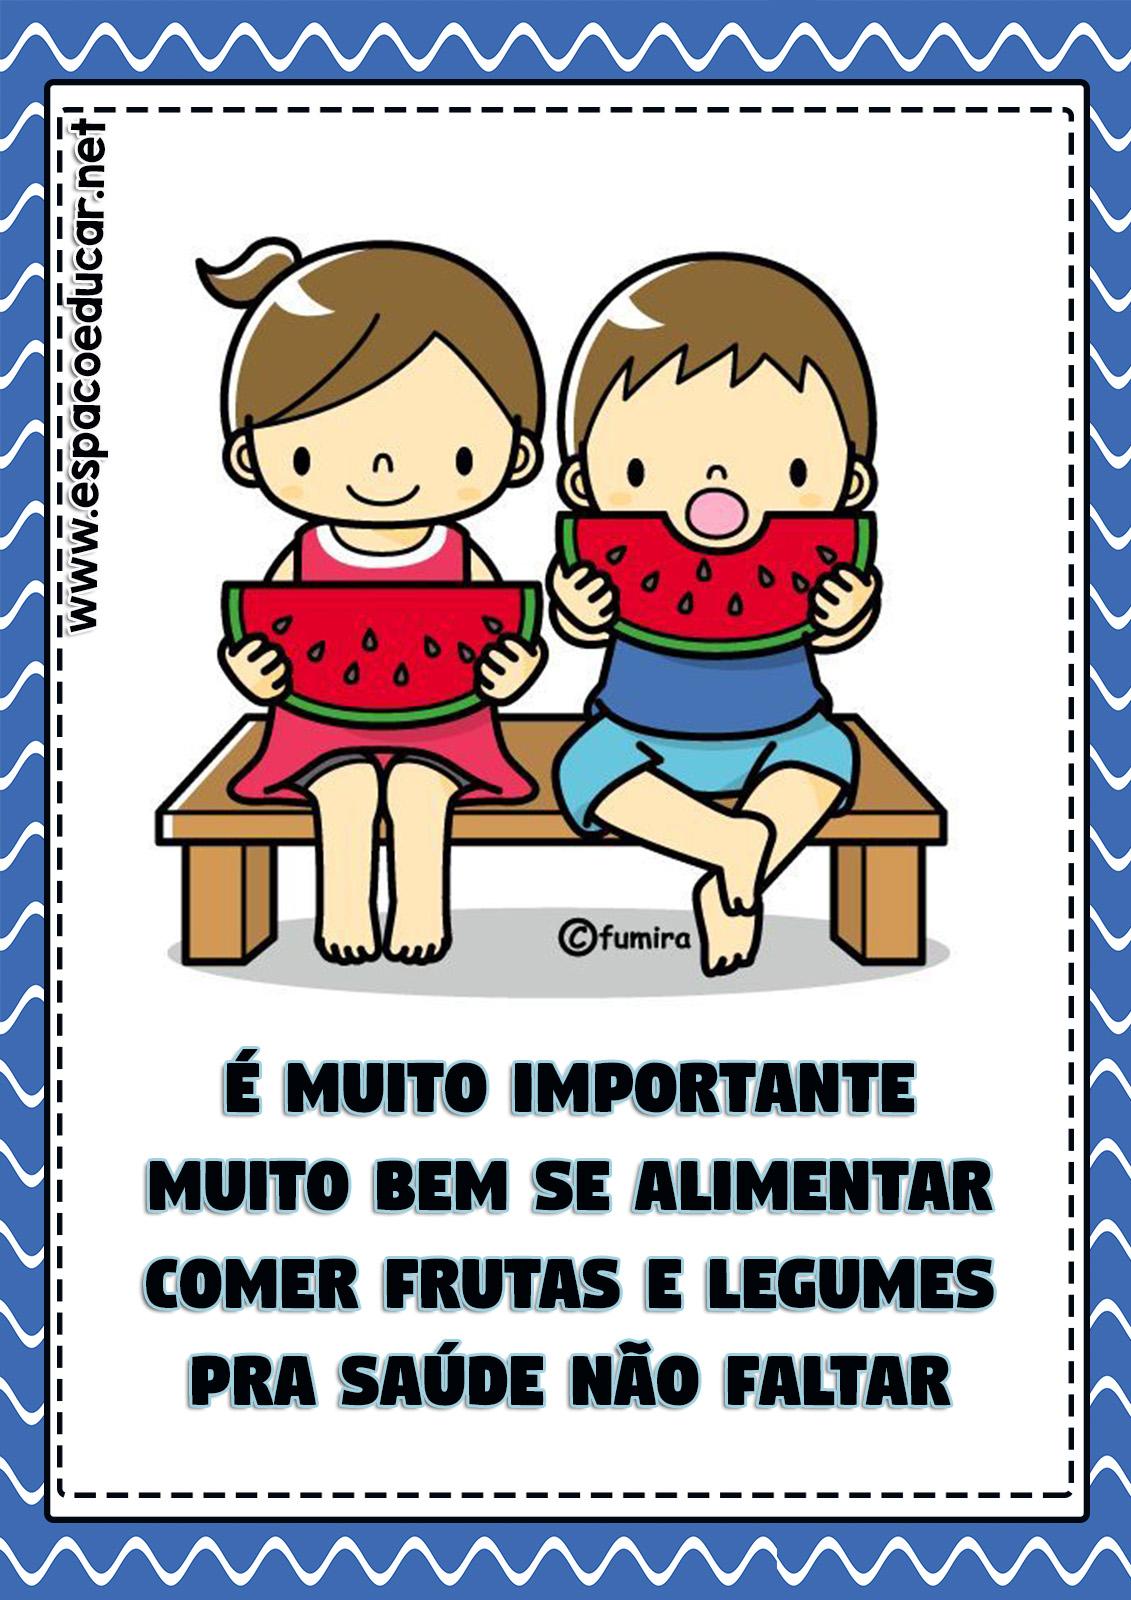 30 Cartazes Lindos De Rotina E Higiene Para Educacao Infantil